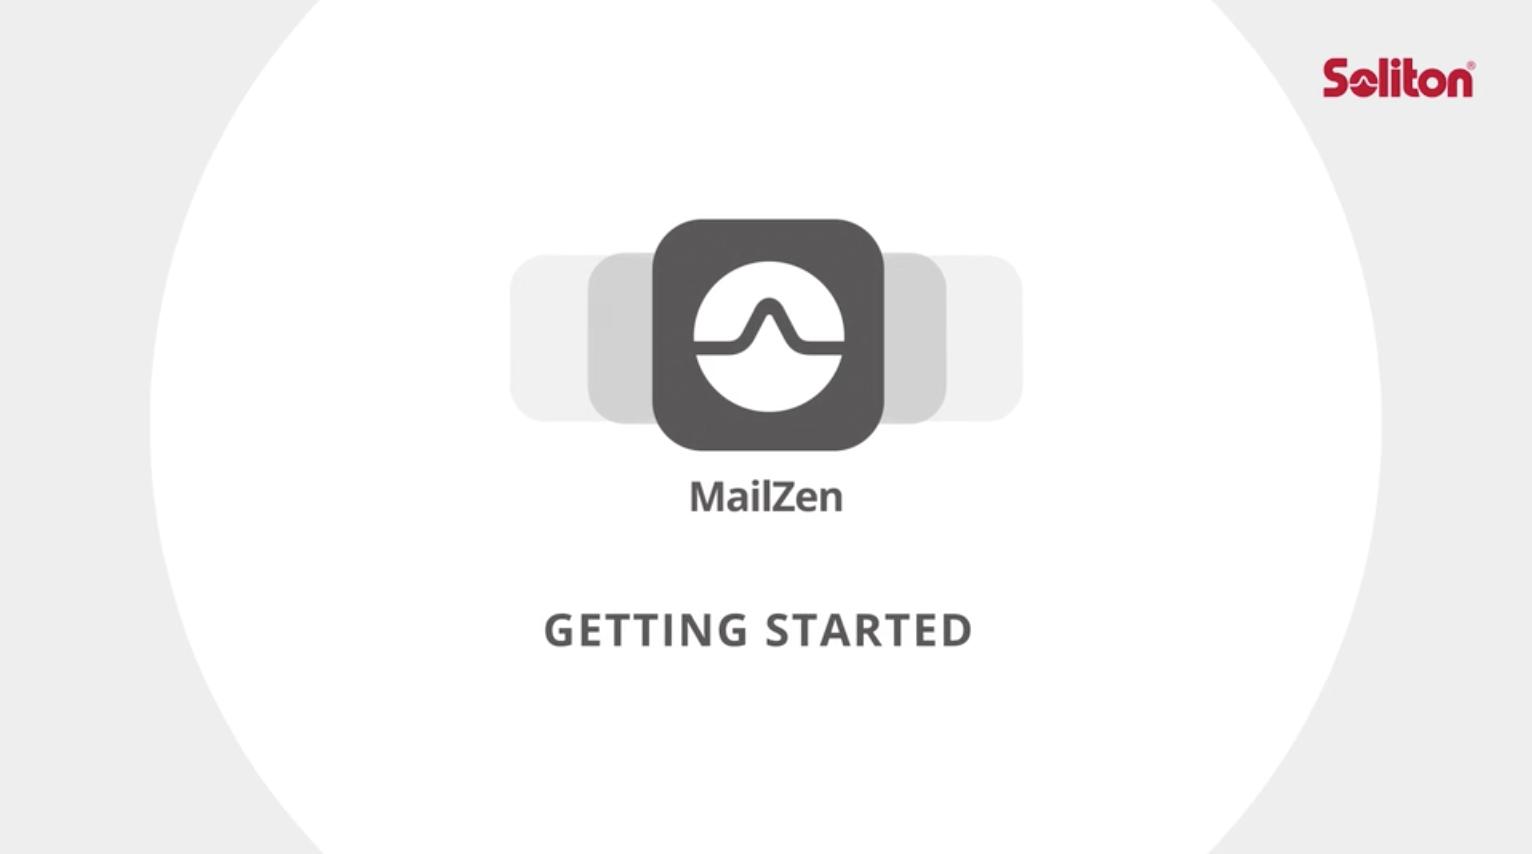 Mailzen-getting-started